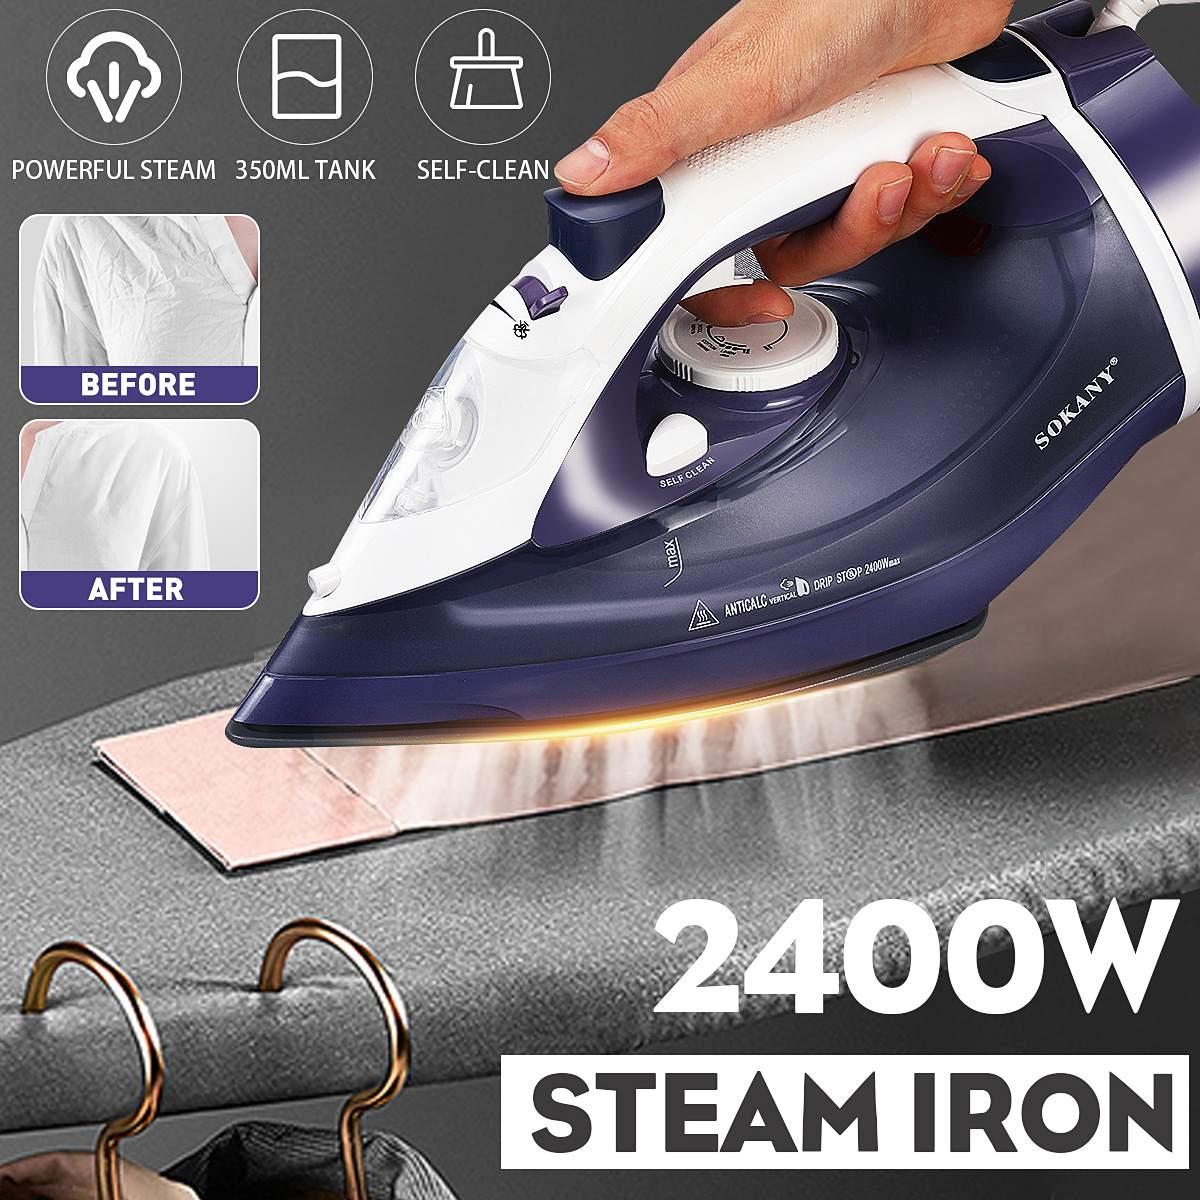 2400W sans fil électrique fer à vapeur 2 en 1 céramique semelle vêtement vapeur voyage maison fer à repasser Machine nouveauté 2020